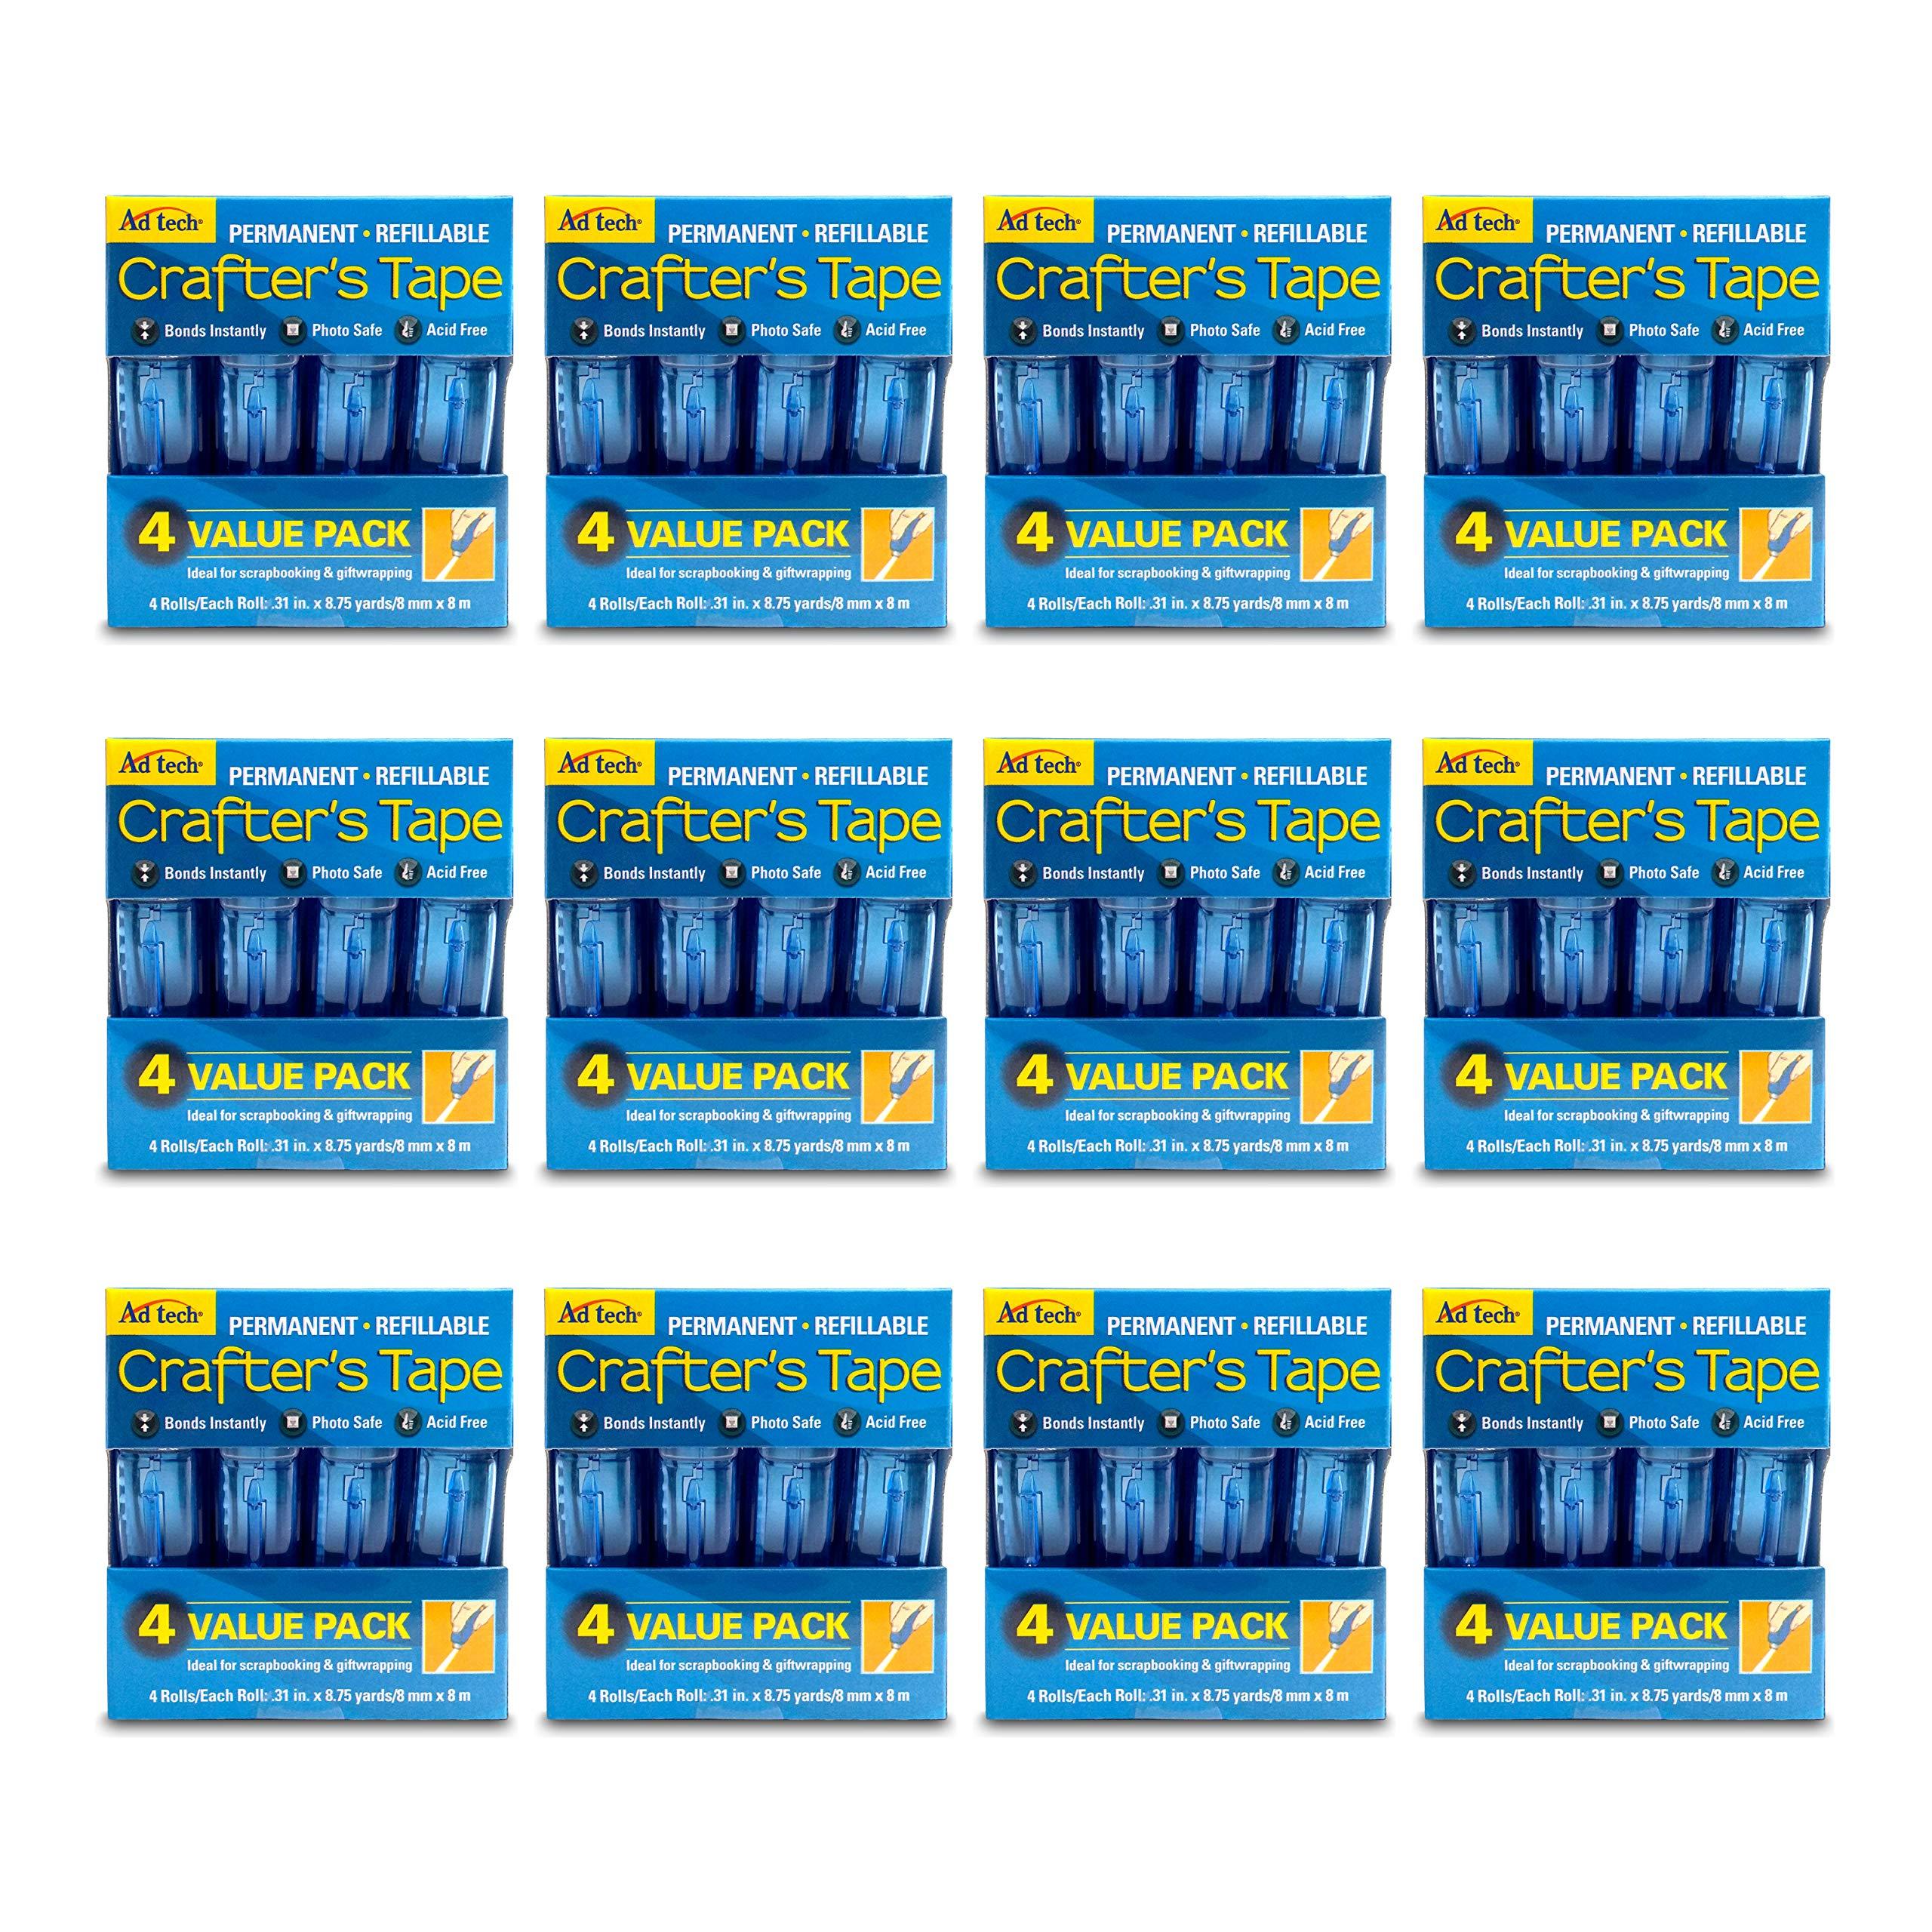 AdTech 05603-CASE Glue Runner For Scrapbooking Supplies, case pack, Clear 12 4pk cartridges by AdTech